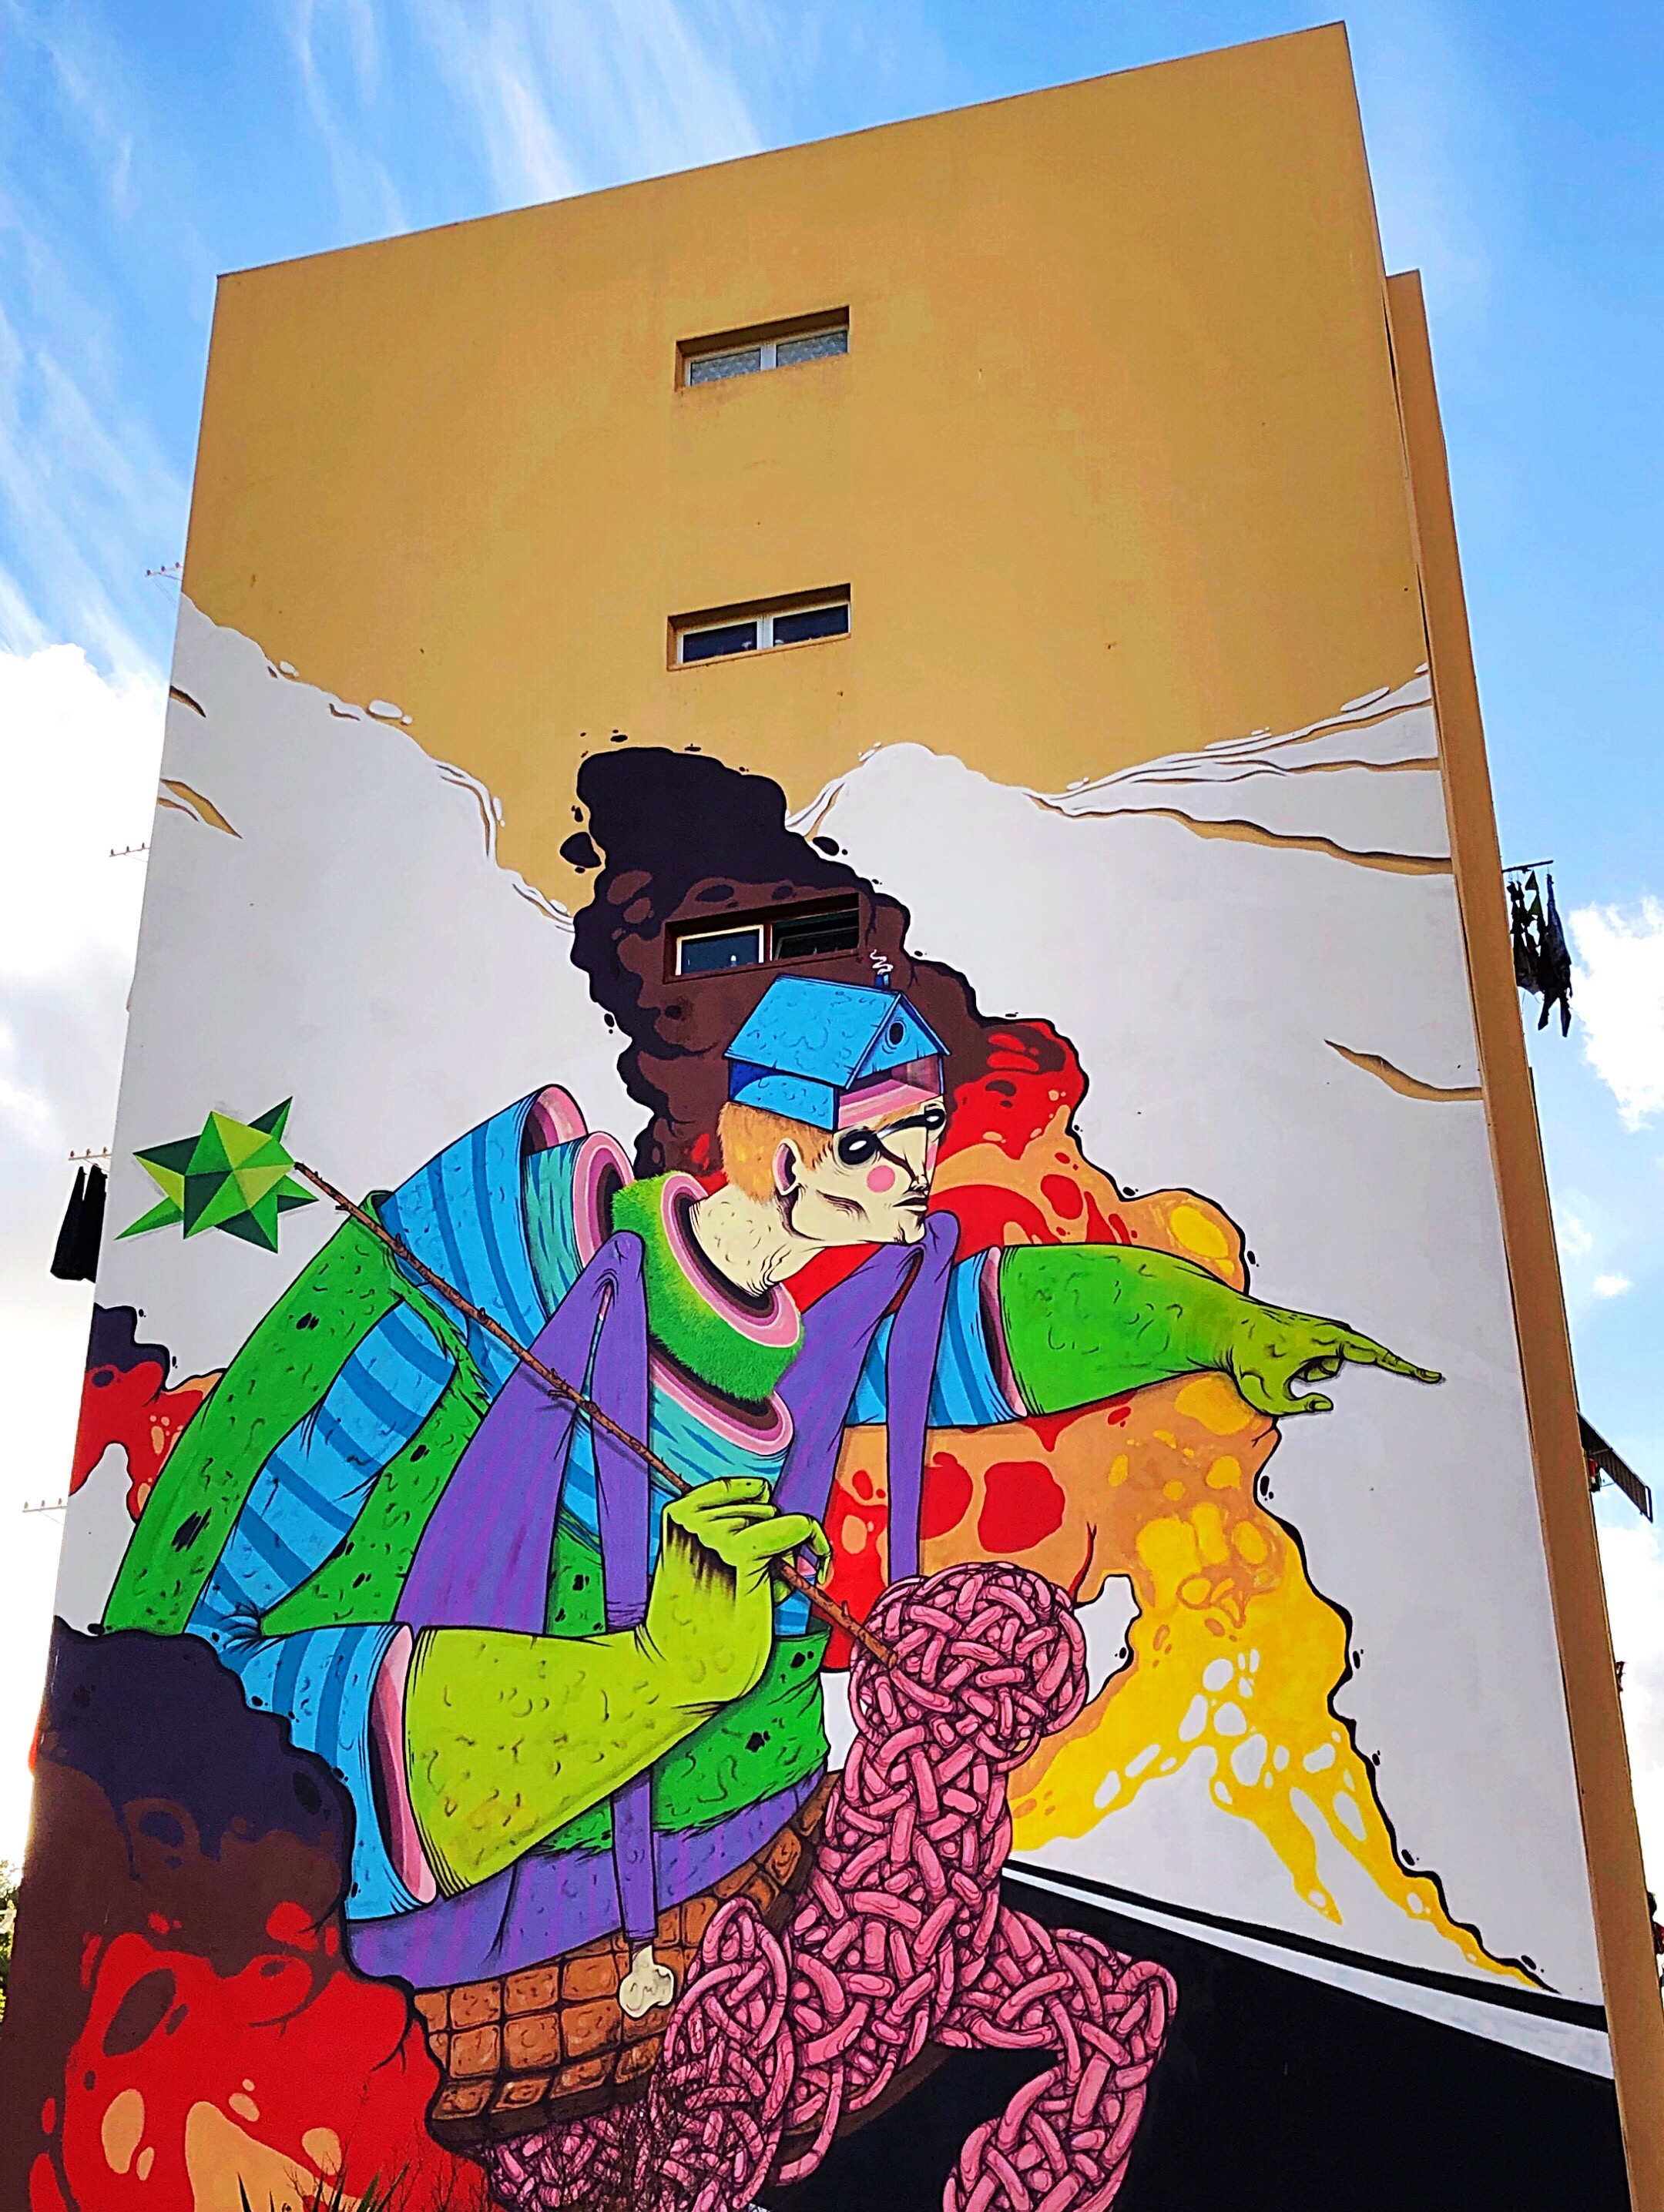 Art by Mar